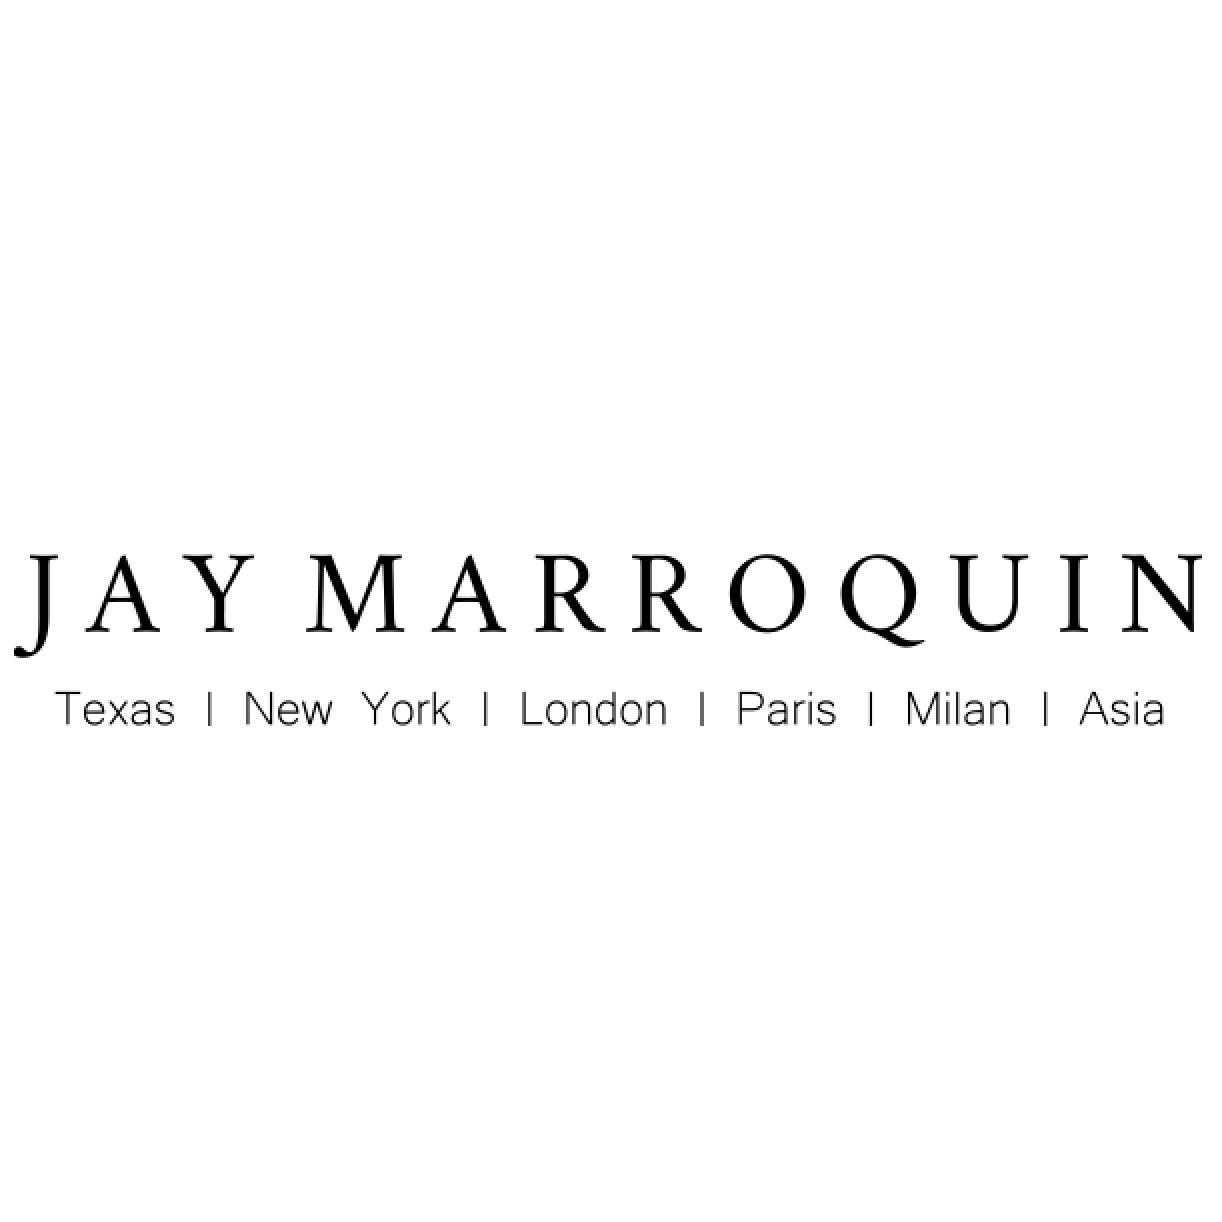 Jay Marroquinn